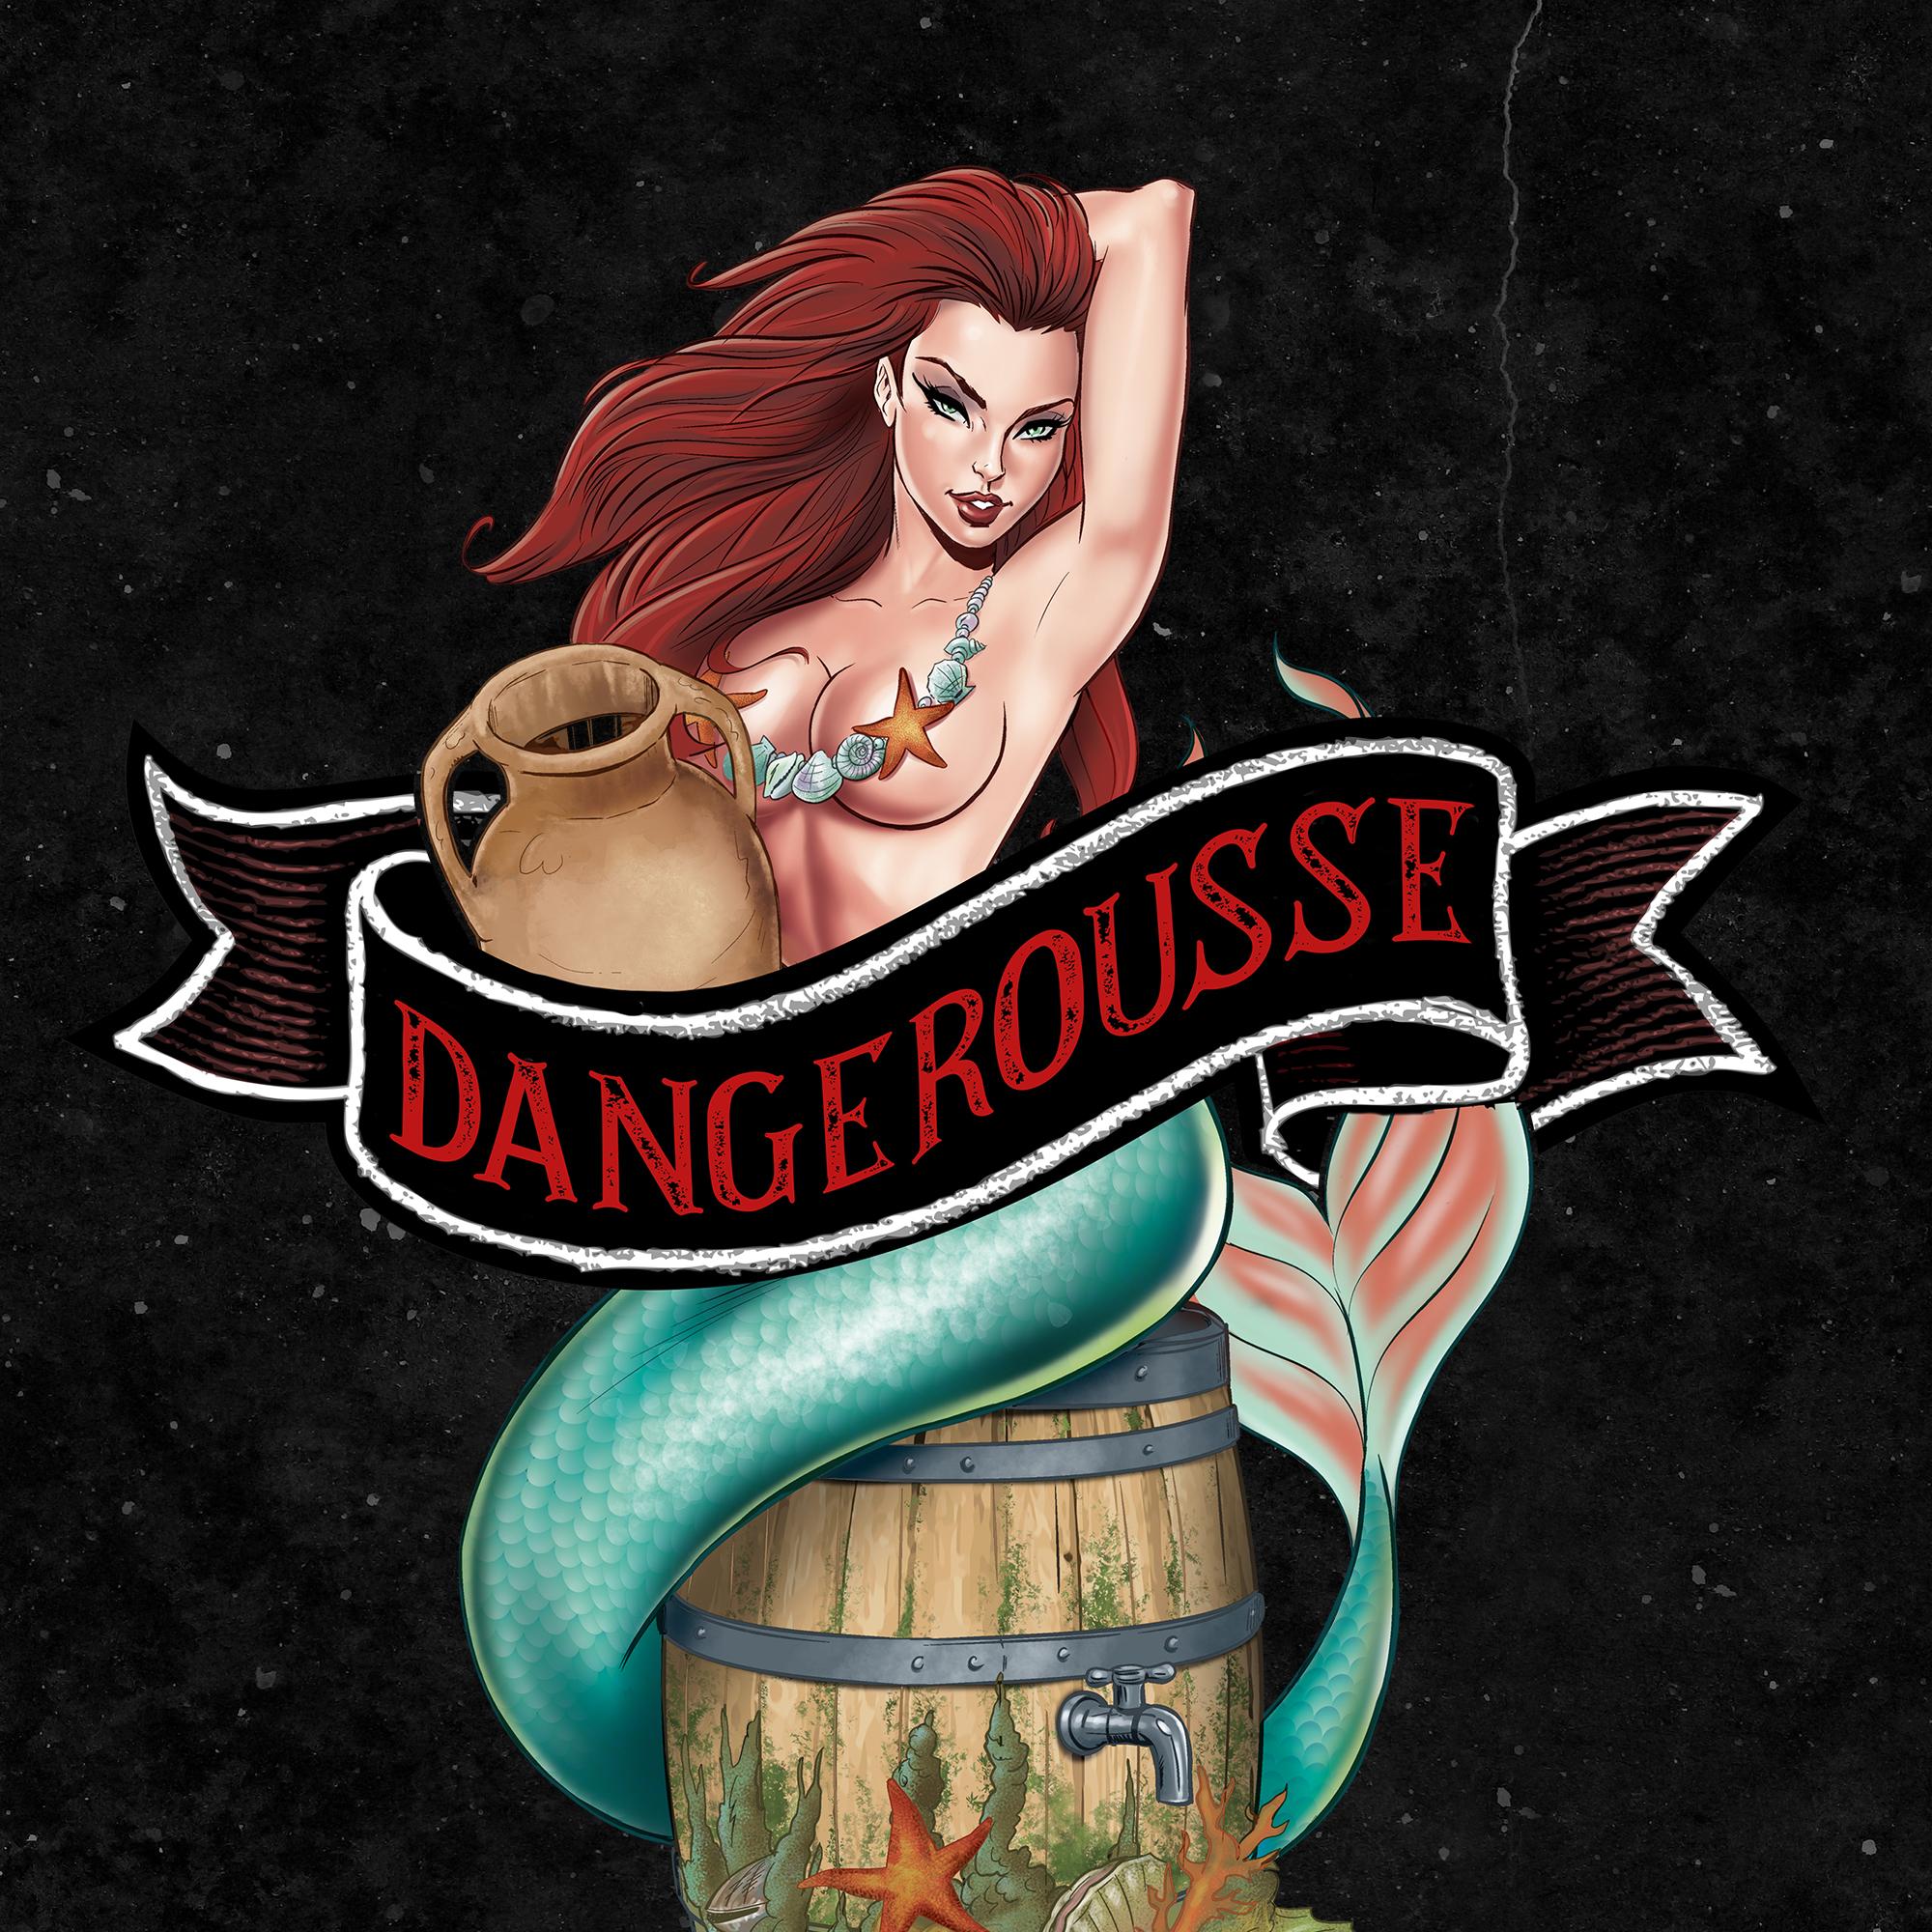 Dangerousse (Bière Rousse)